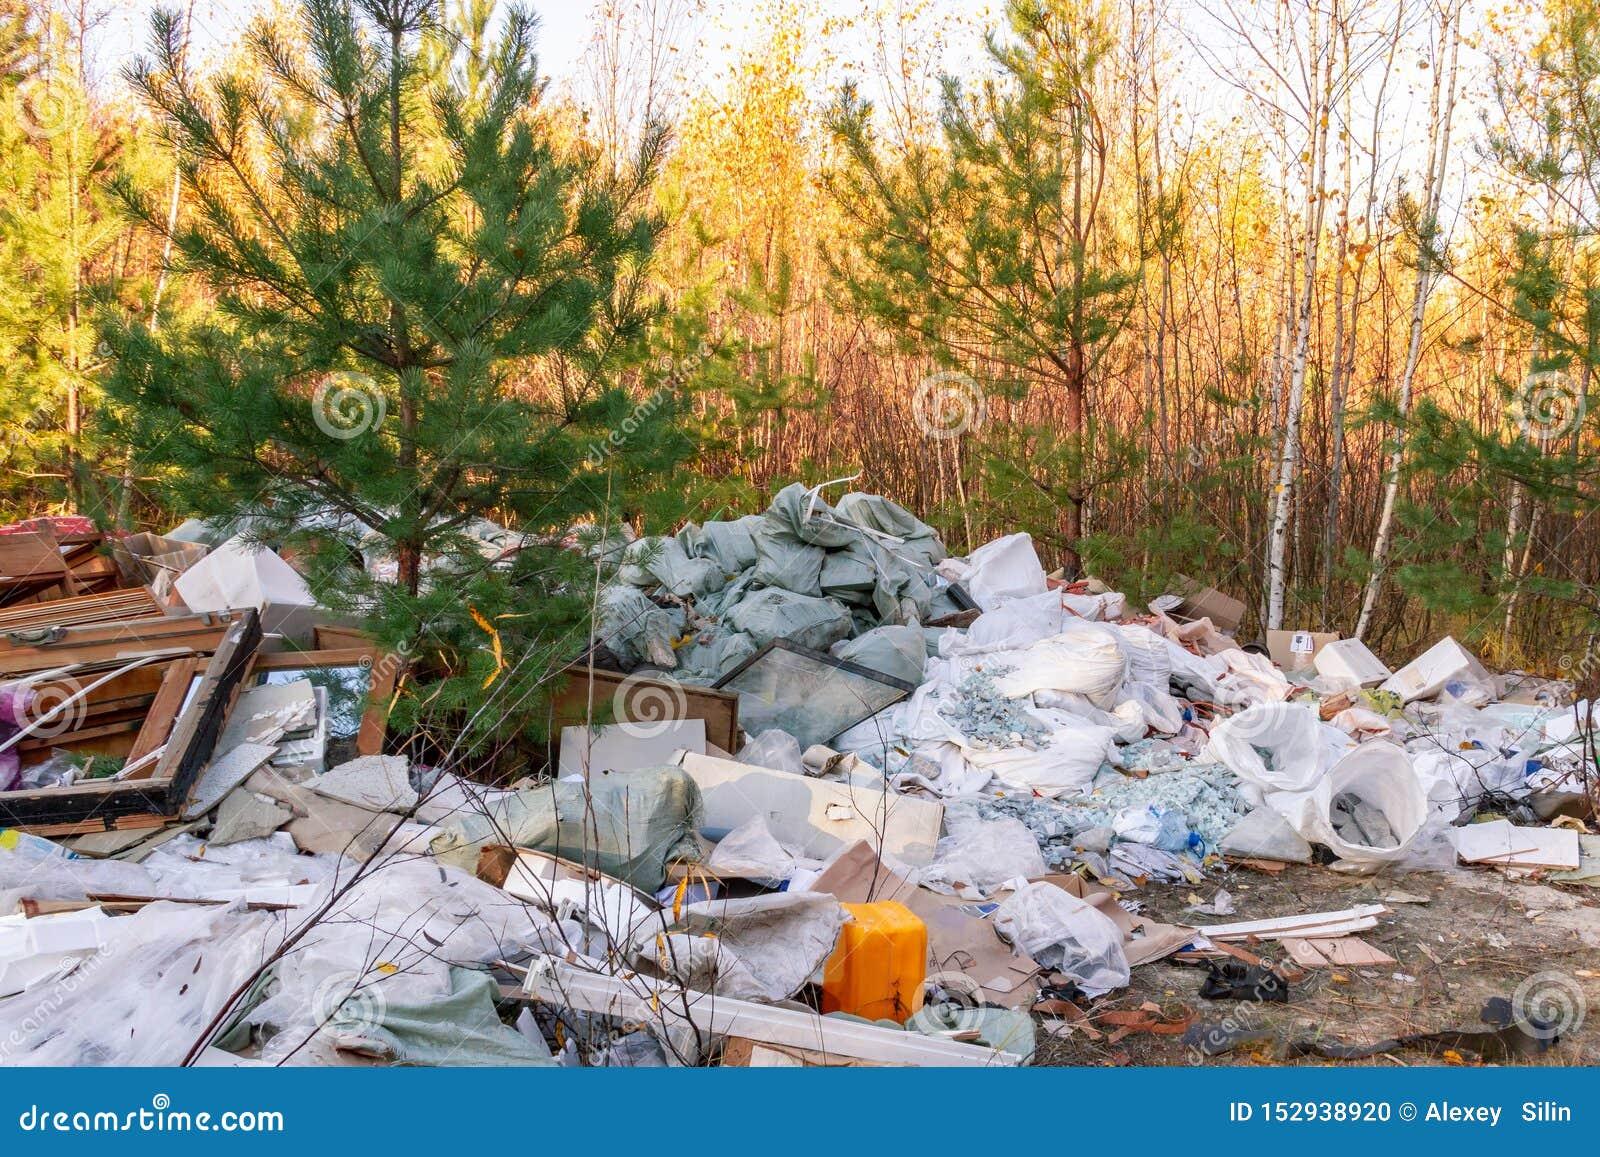 垃圾堆在森林里